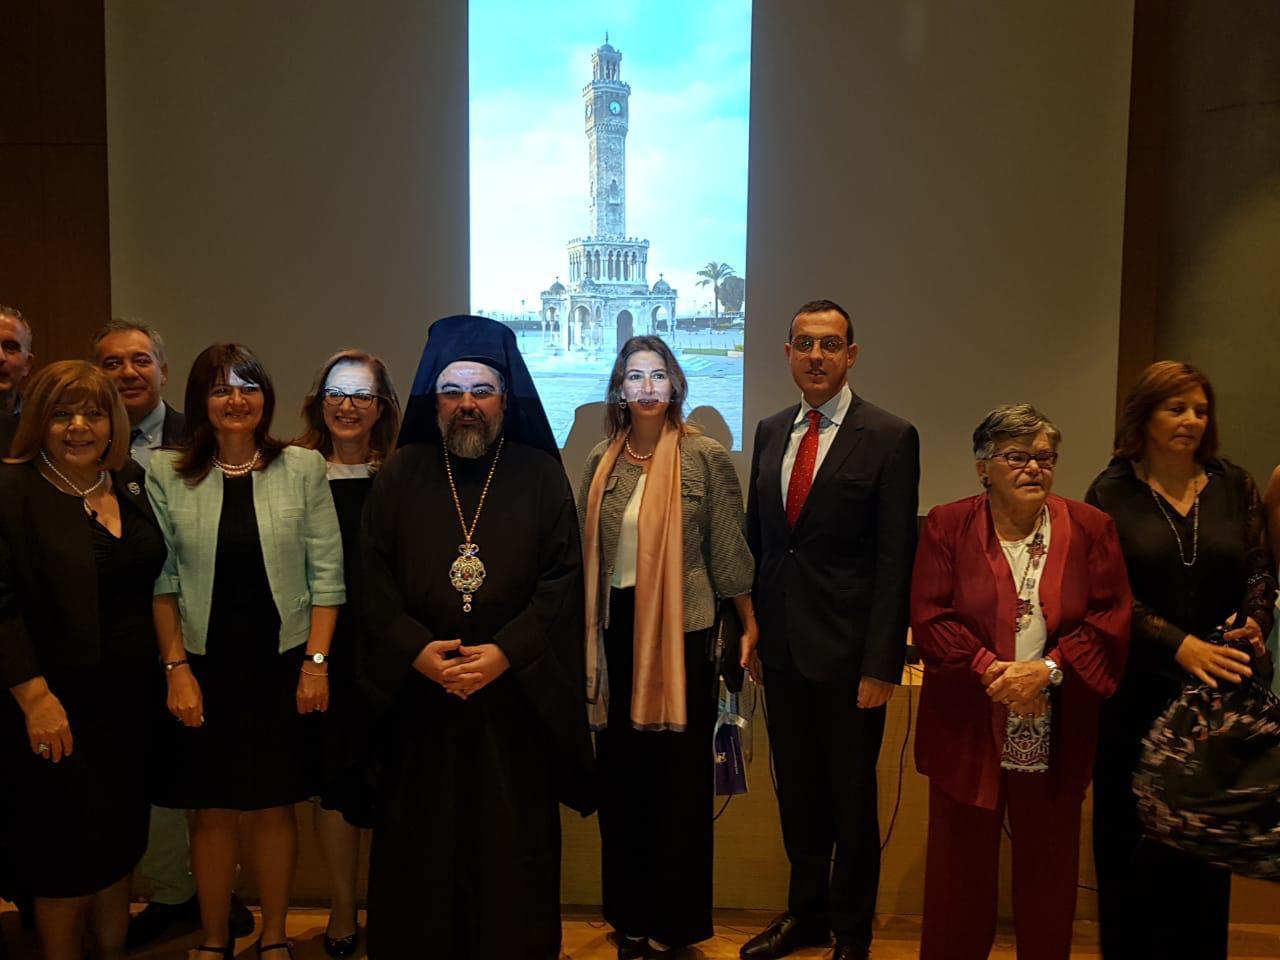 Ο Σμύρνης Βαρθολομαίος σε εκδηλώσεις Μικρασιατών στην Αθήνα